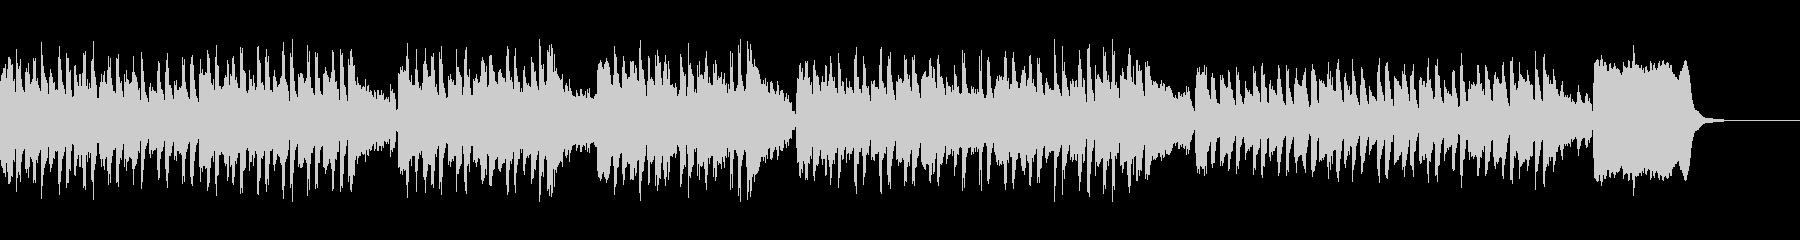 ★不気味な洋館のワルツ リズムVer の未再生の波形